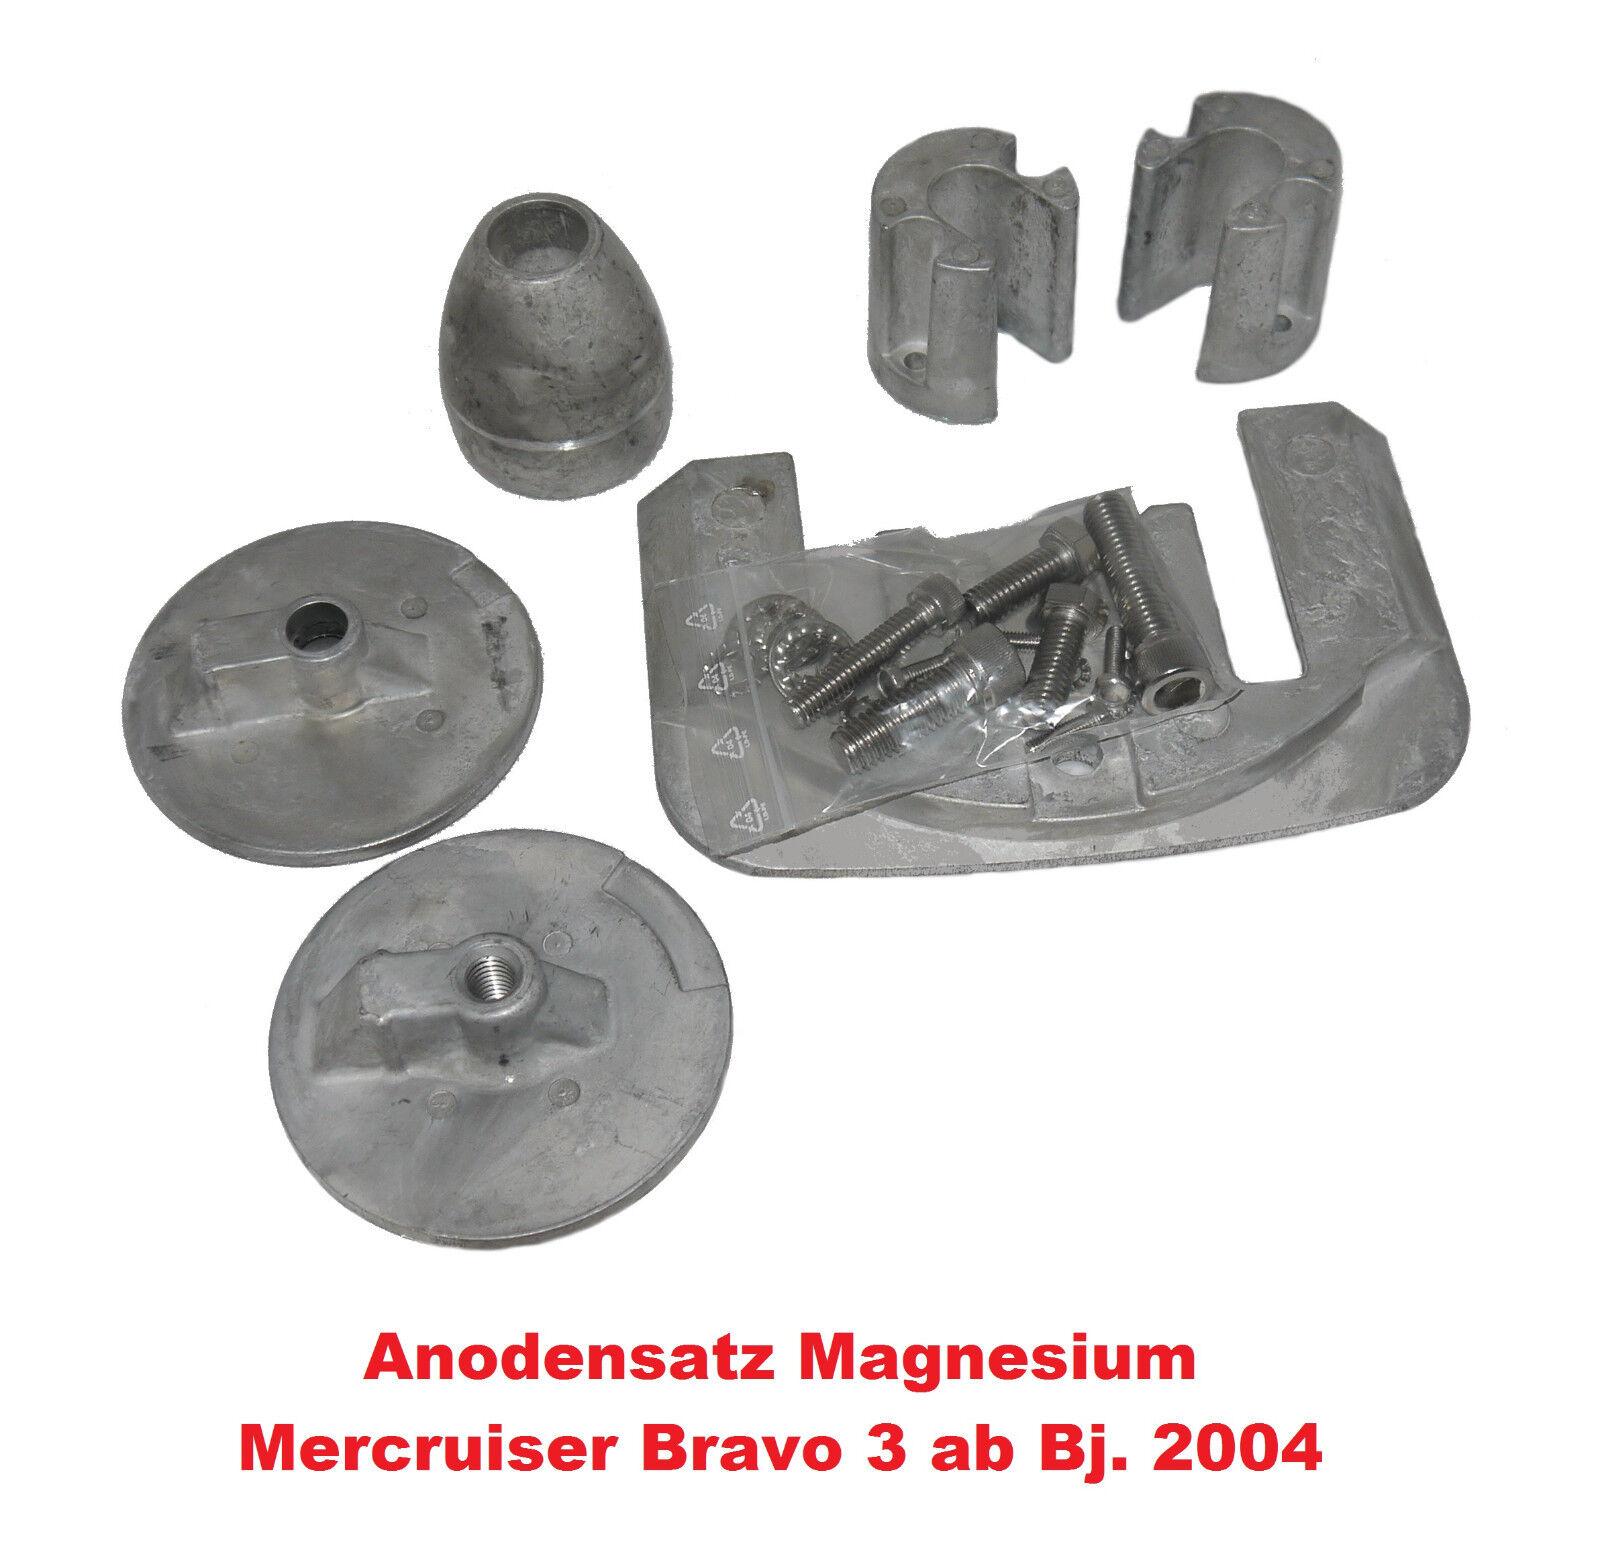 Mecruiser Bravo III Anodensatz ab Bj2004 Magnesium Anodensatz III Anode für Innenborder 01af8e